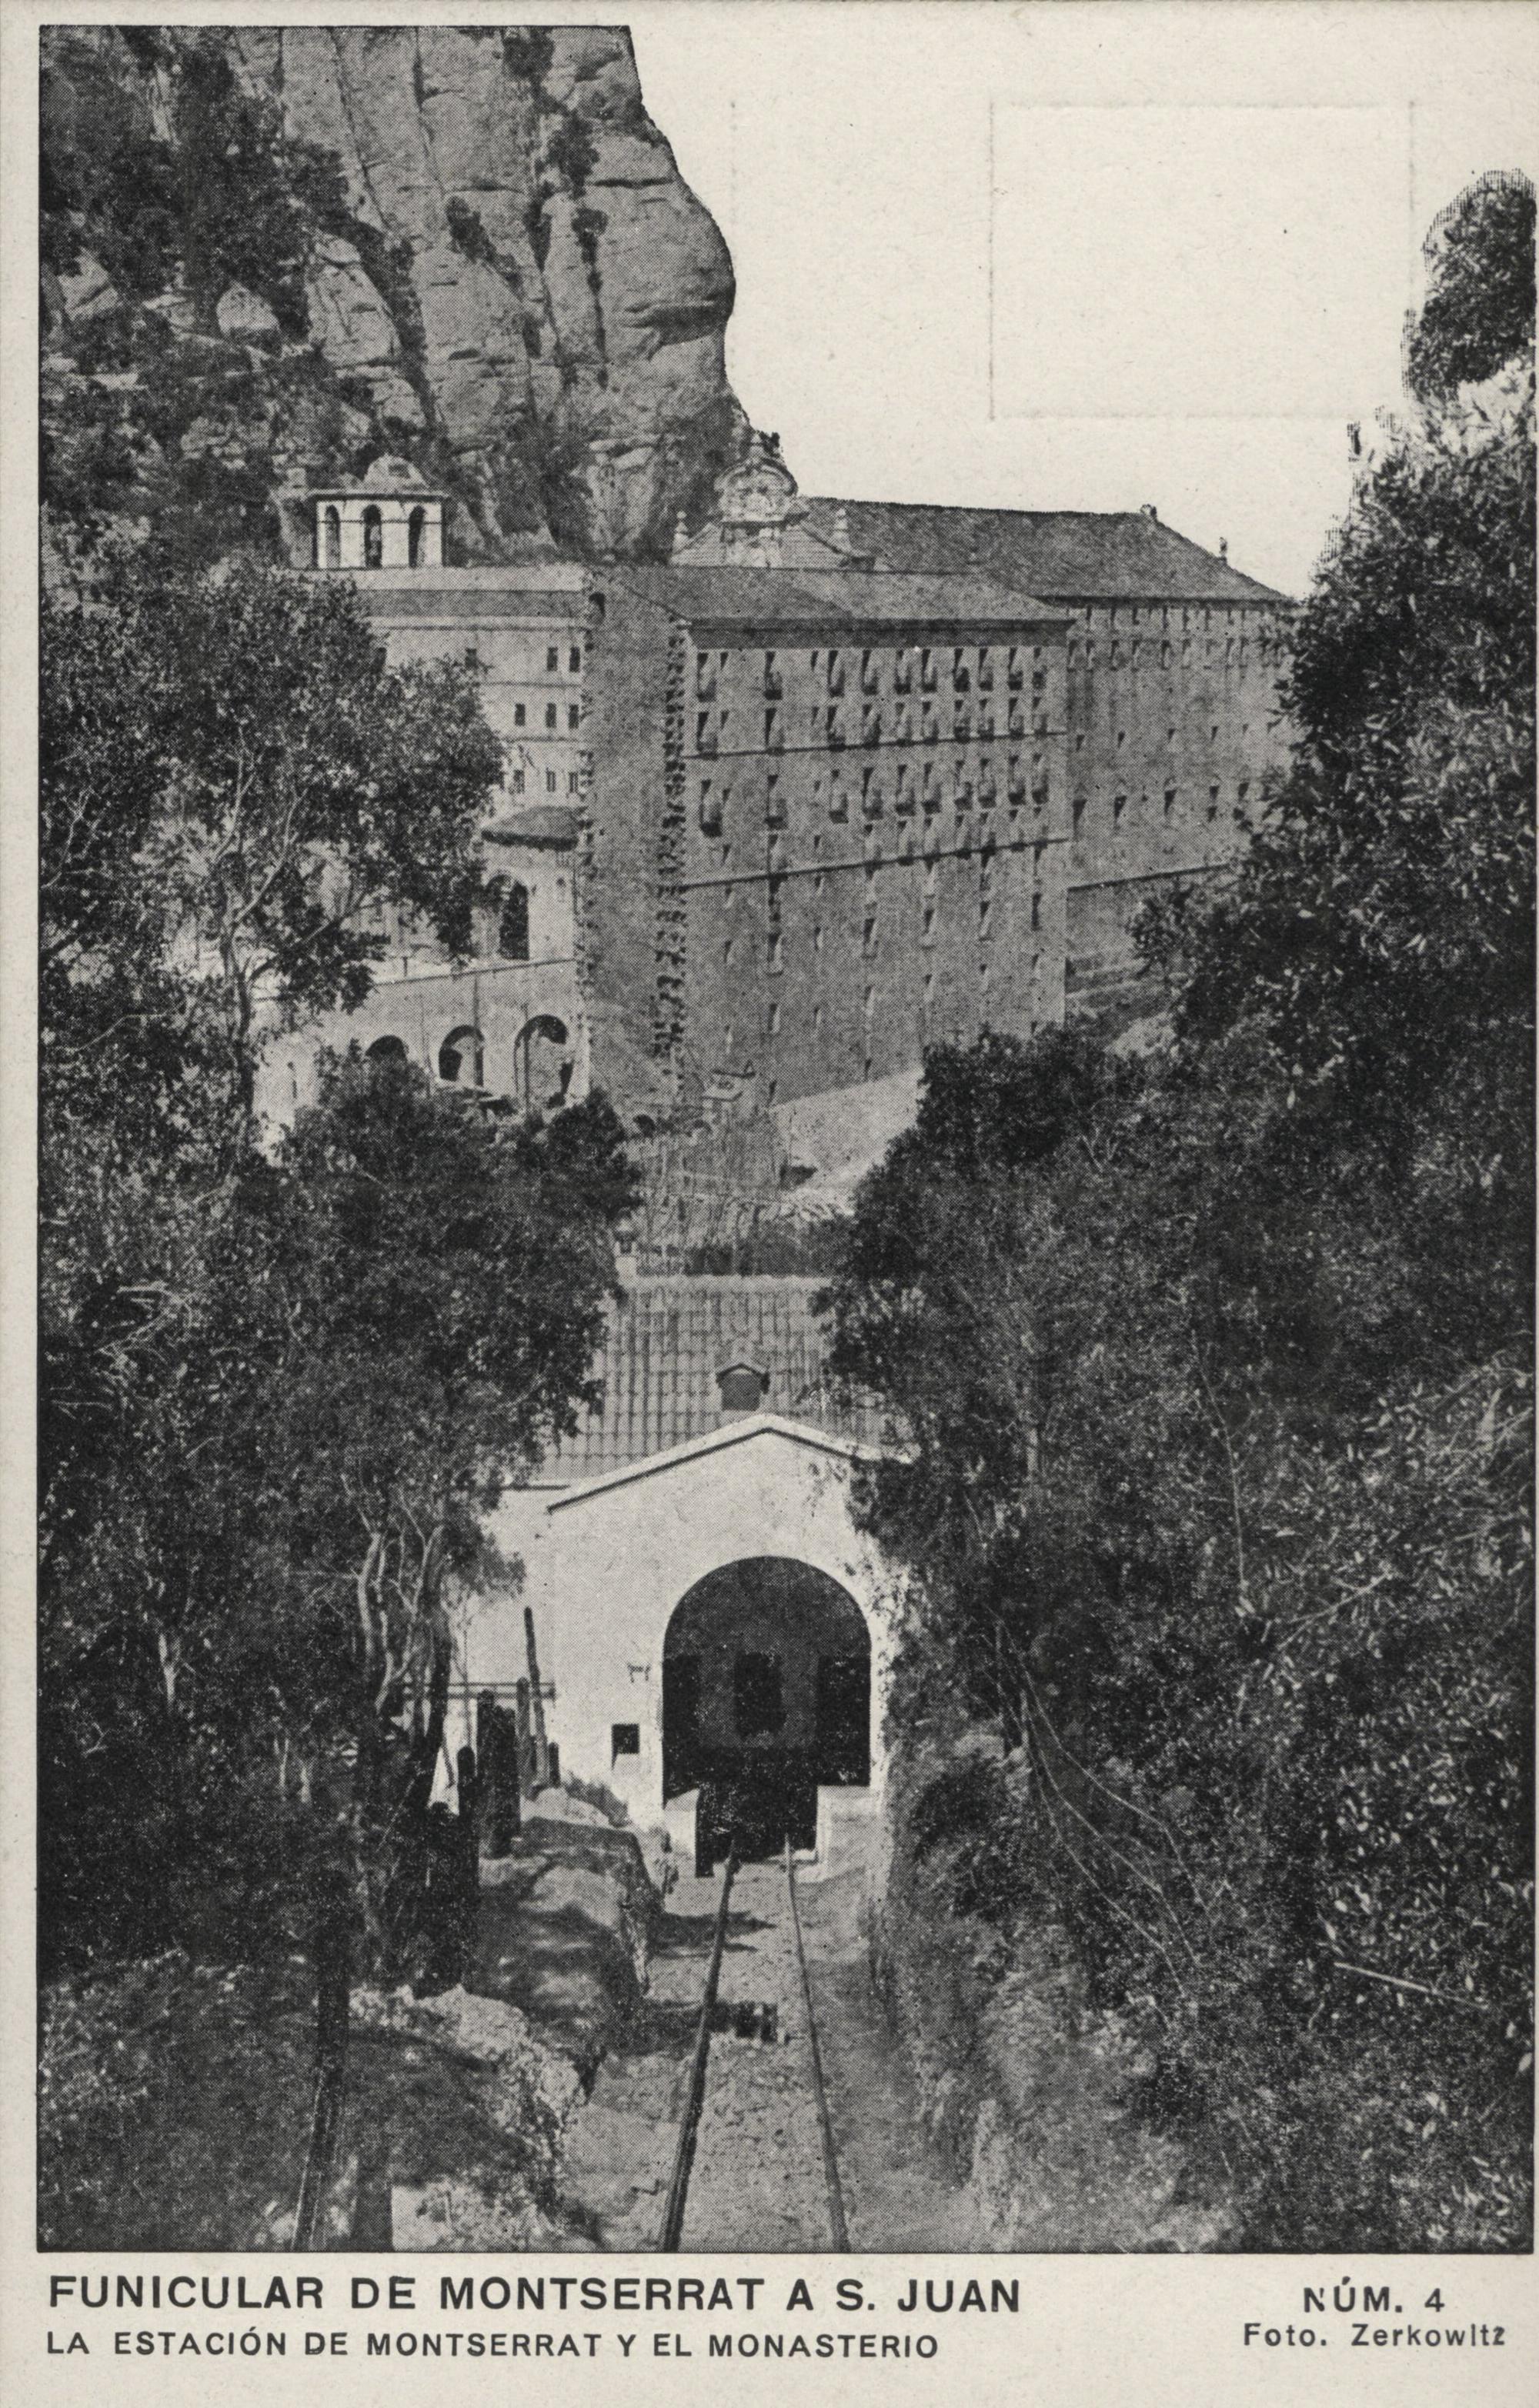 Montserrat album de postals 20101125145907437 girada girada